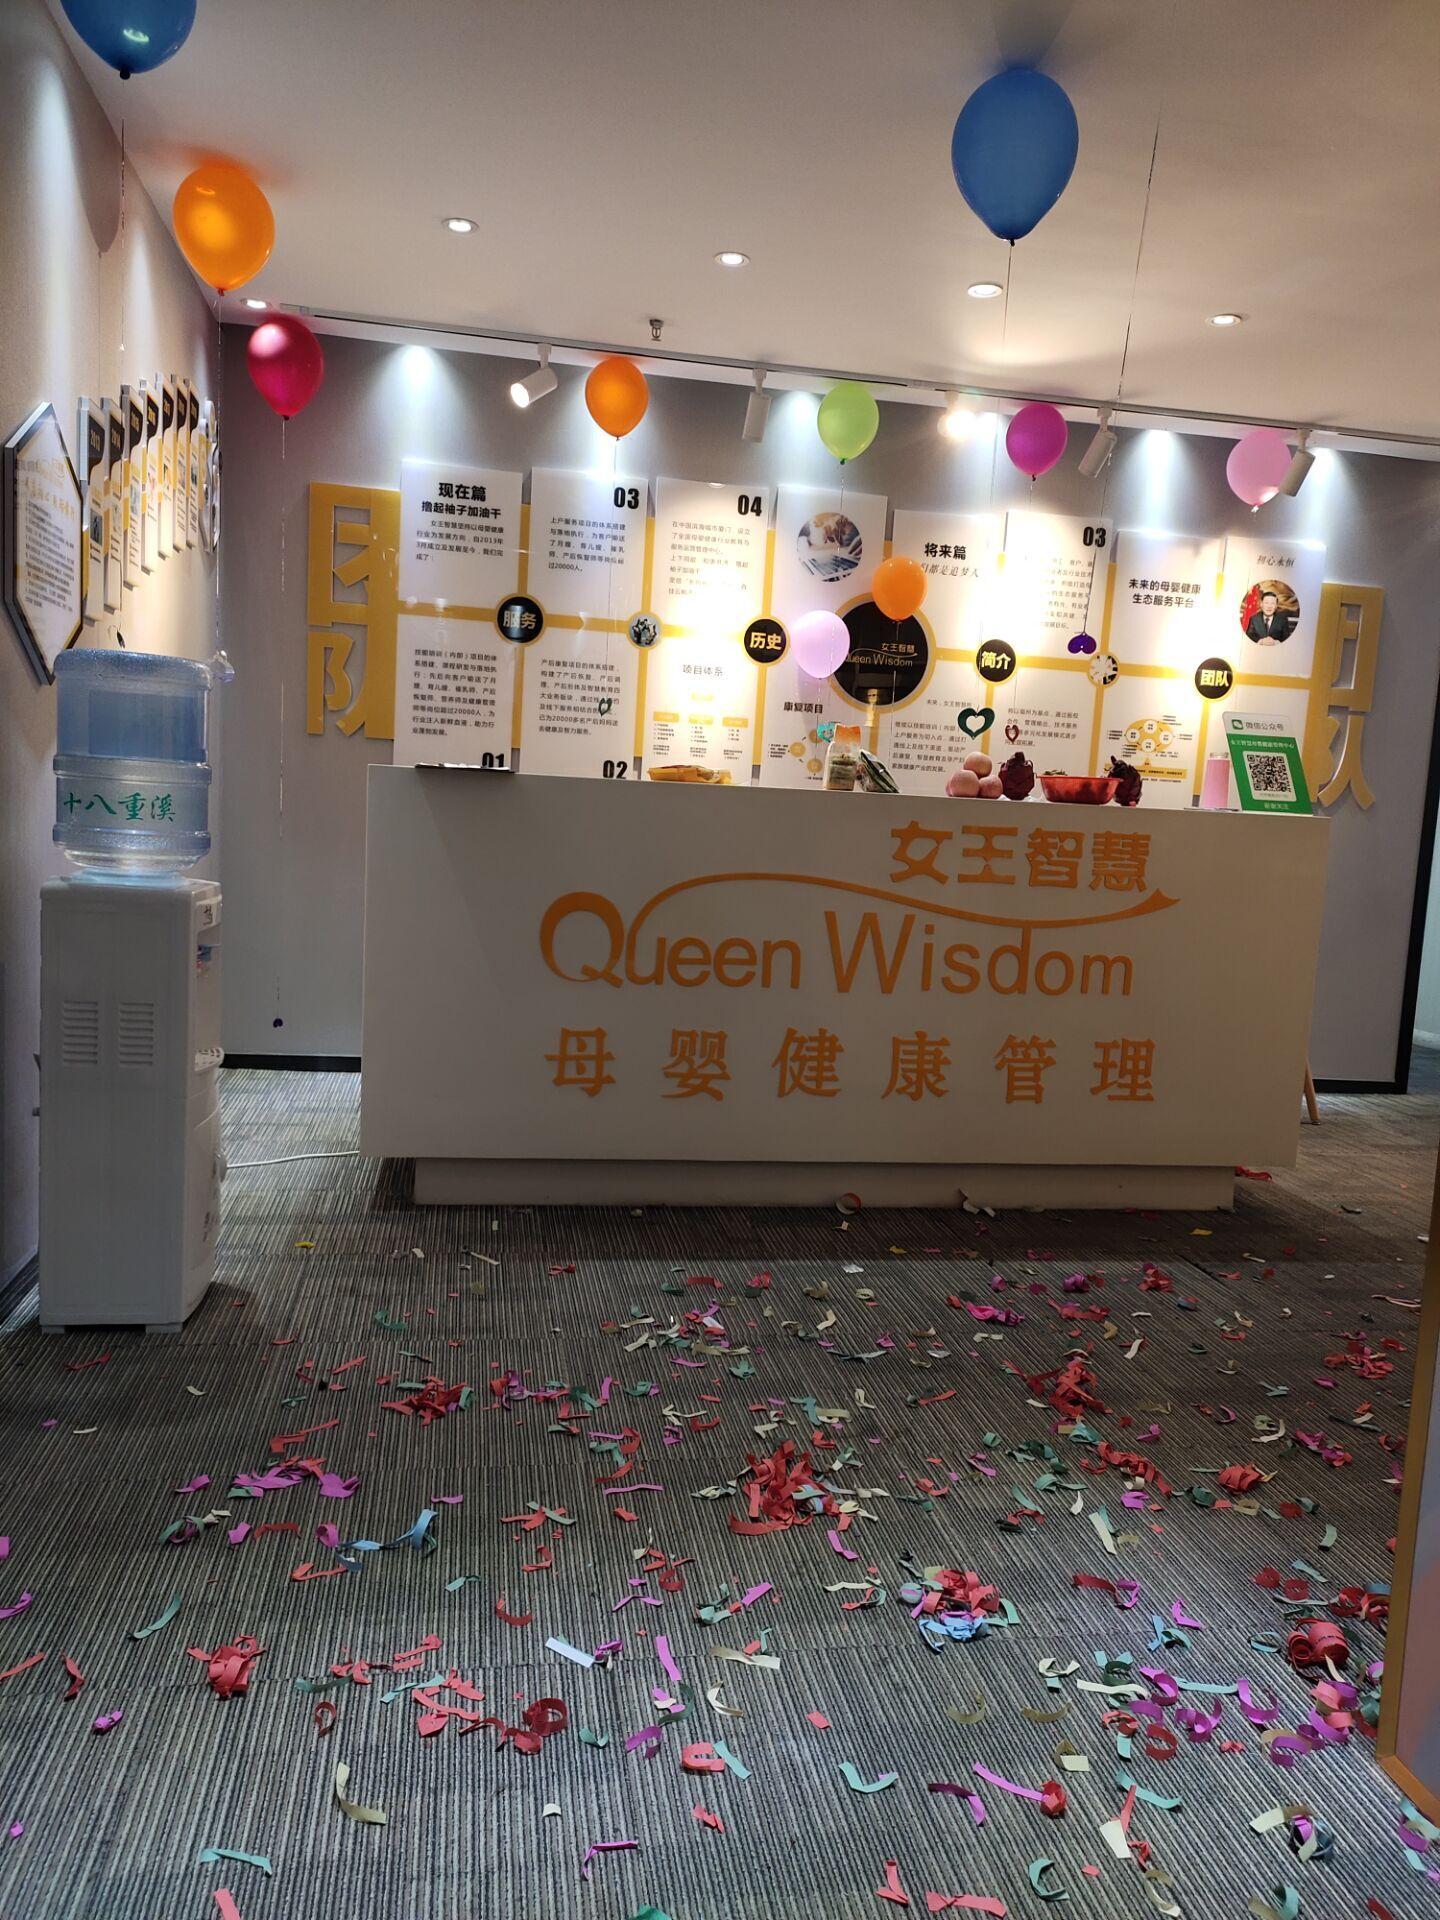 厦门女王智慧正式成立 乘风破浪迈向全国市场